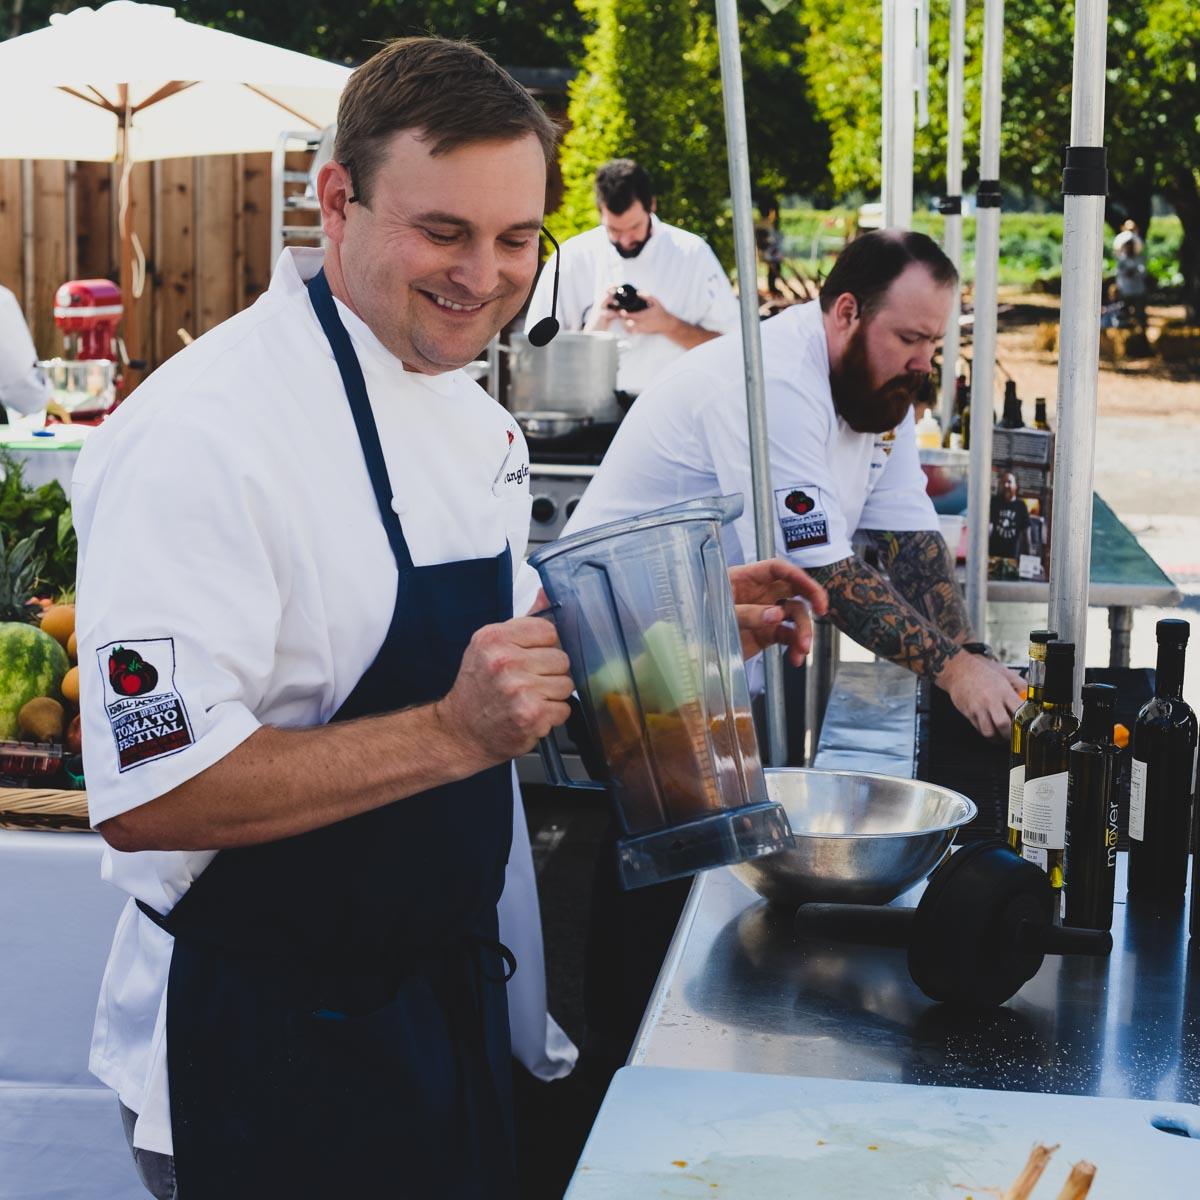 KJ Chef Justin Wangler